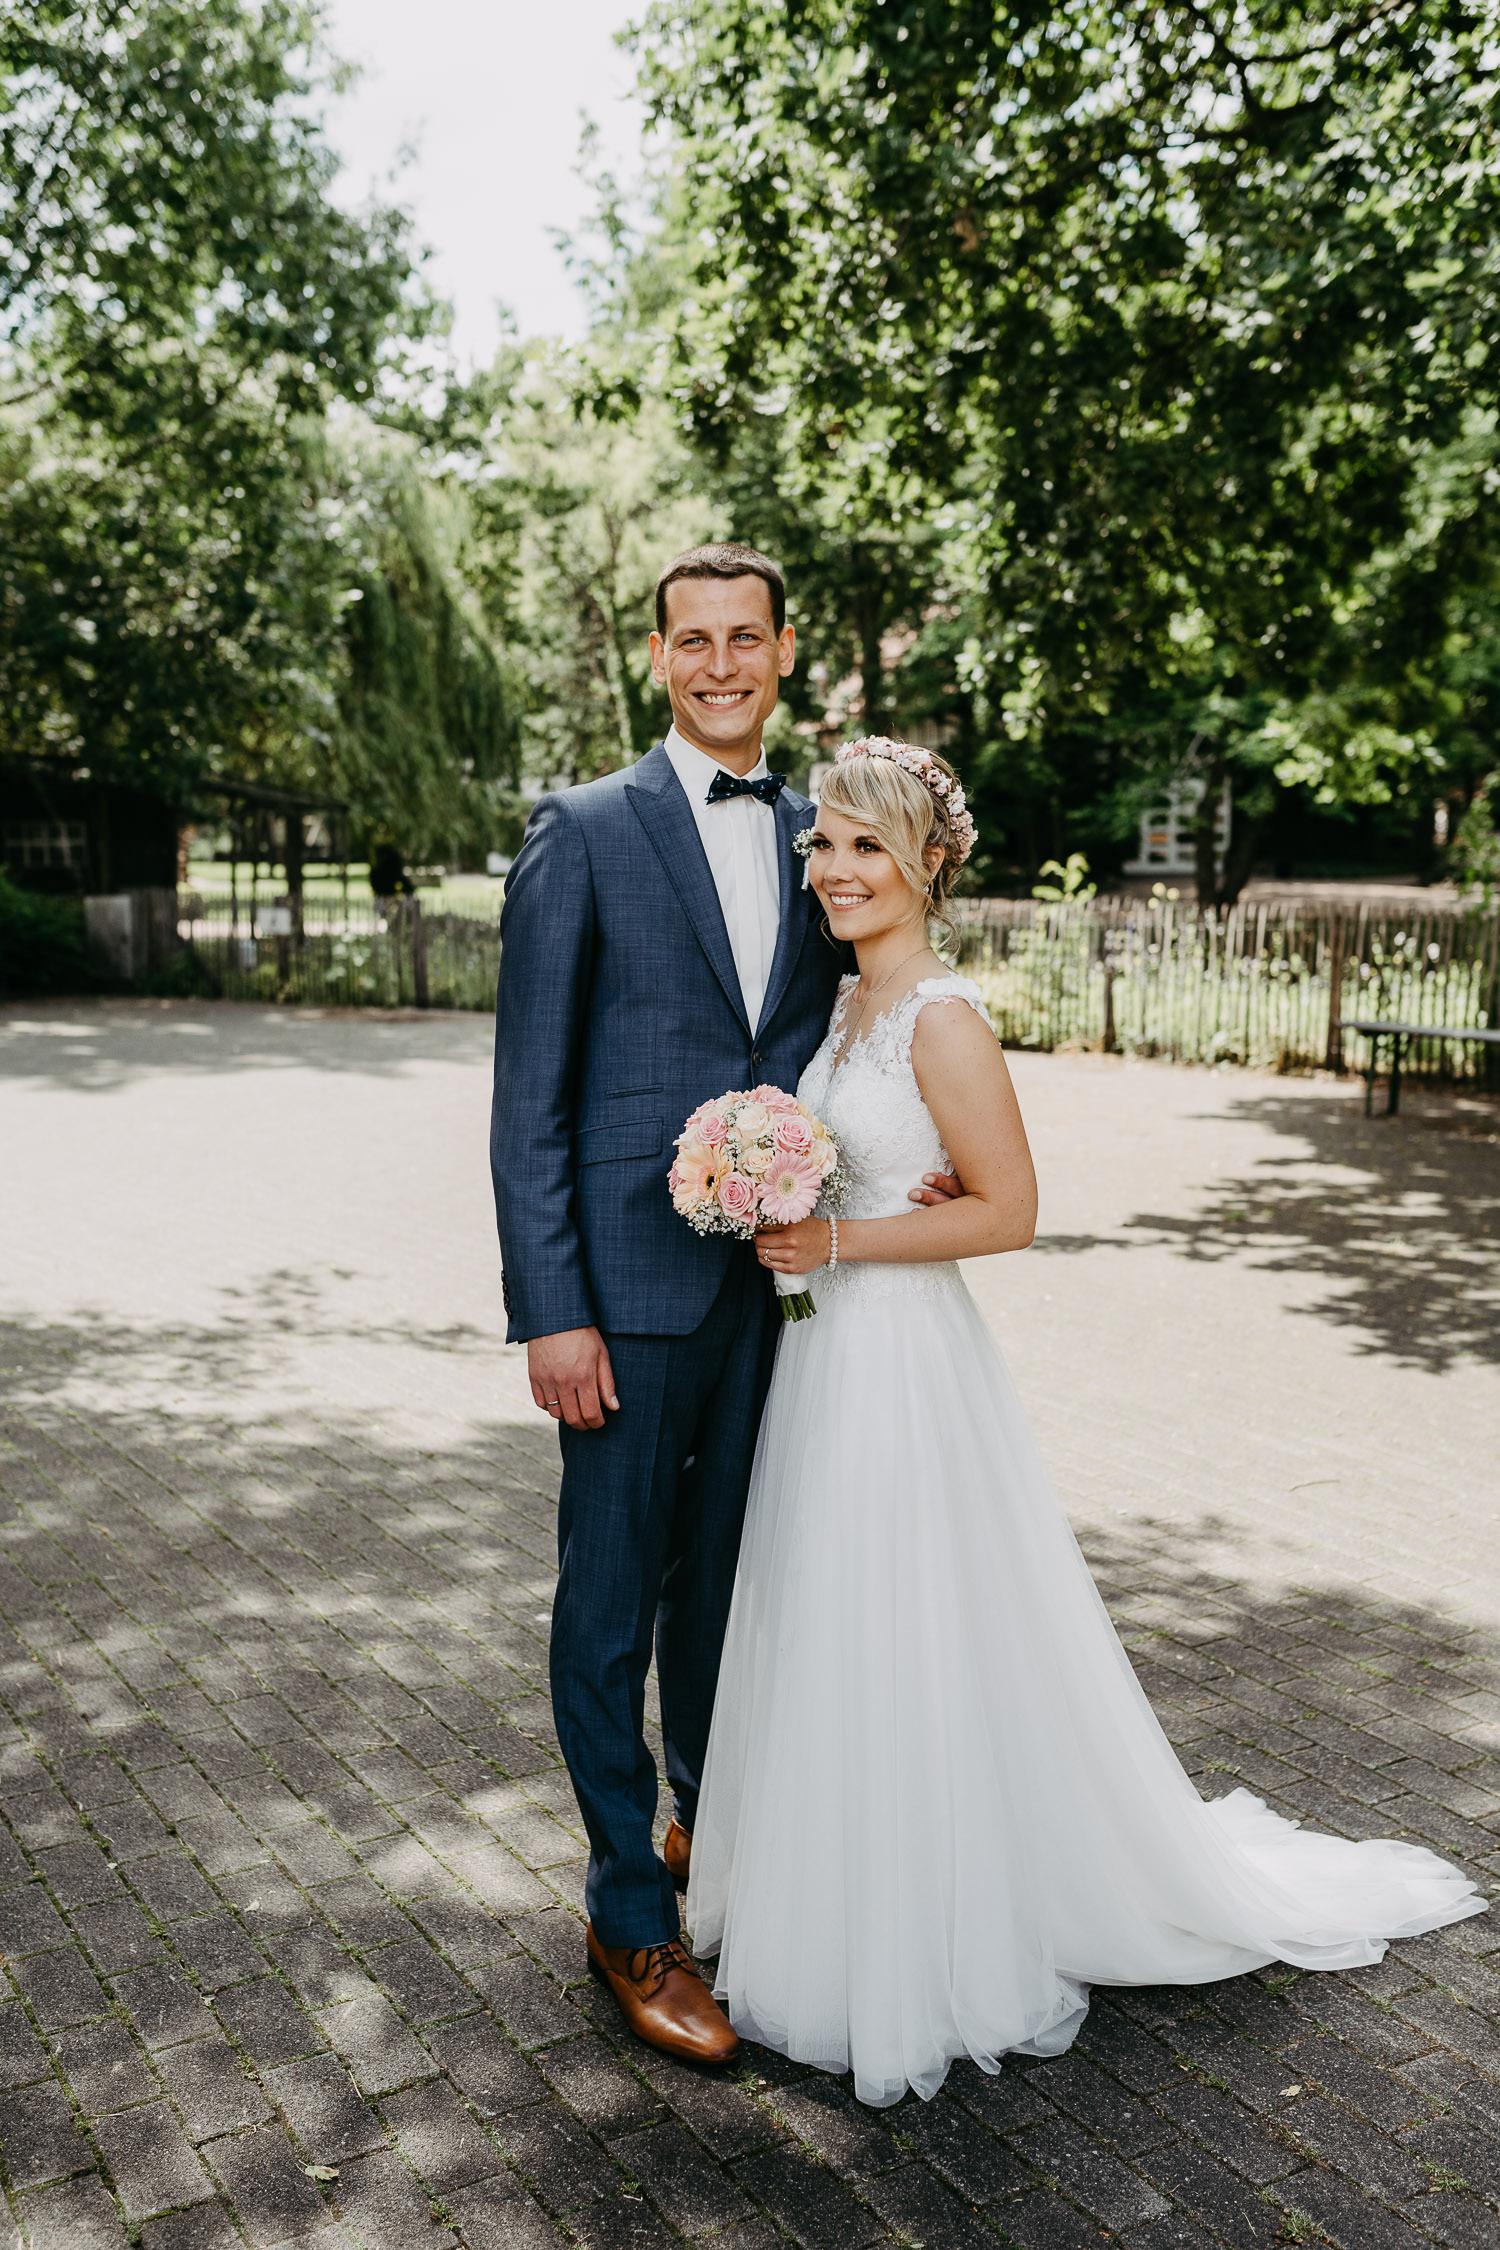 Hochzeitsfoto im gastlichen Dorf